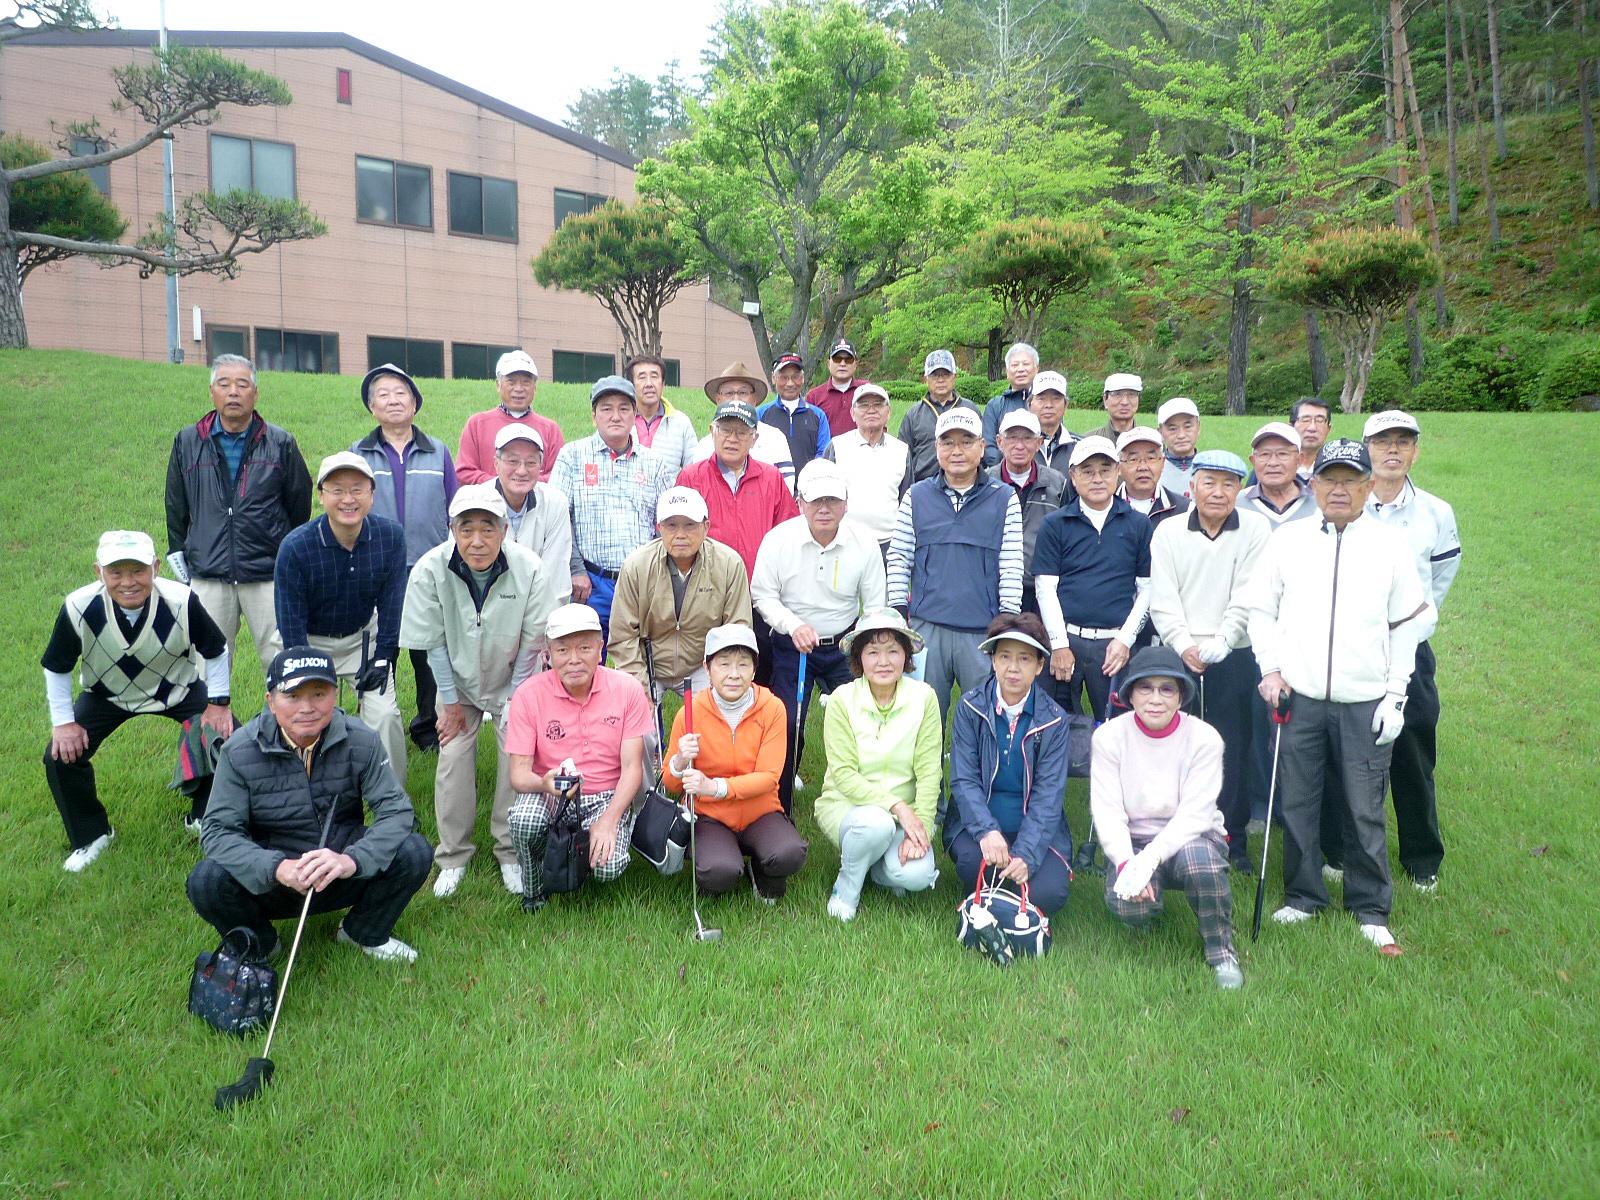 第282回 ゴルフガーデン星野会ゴルフコンペ